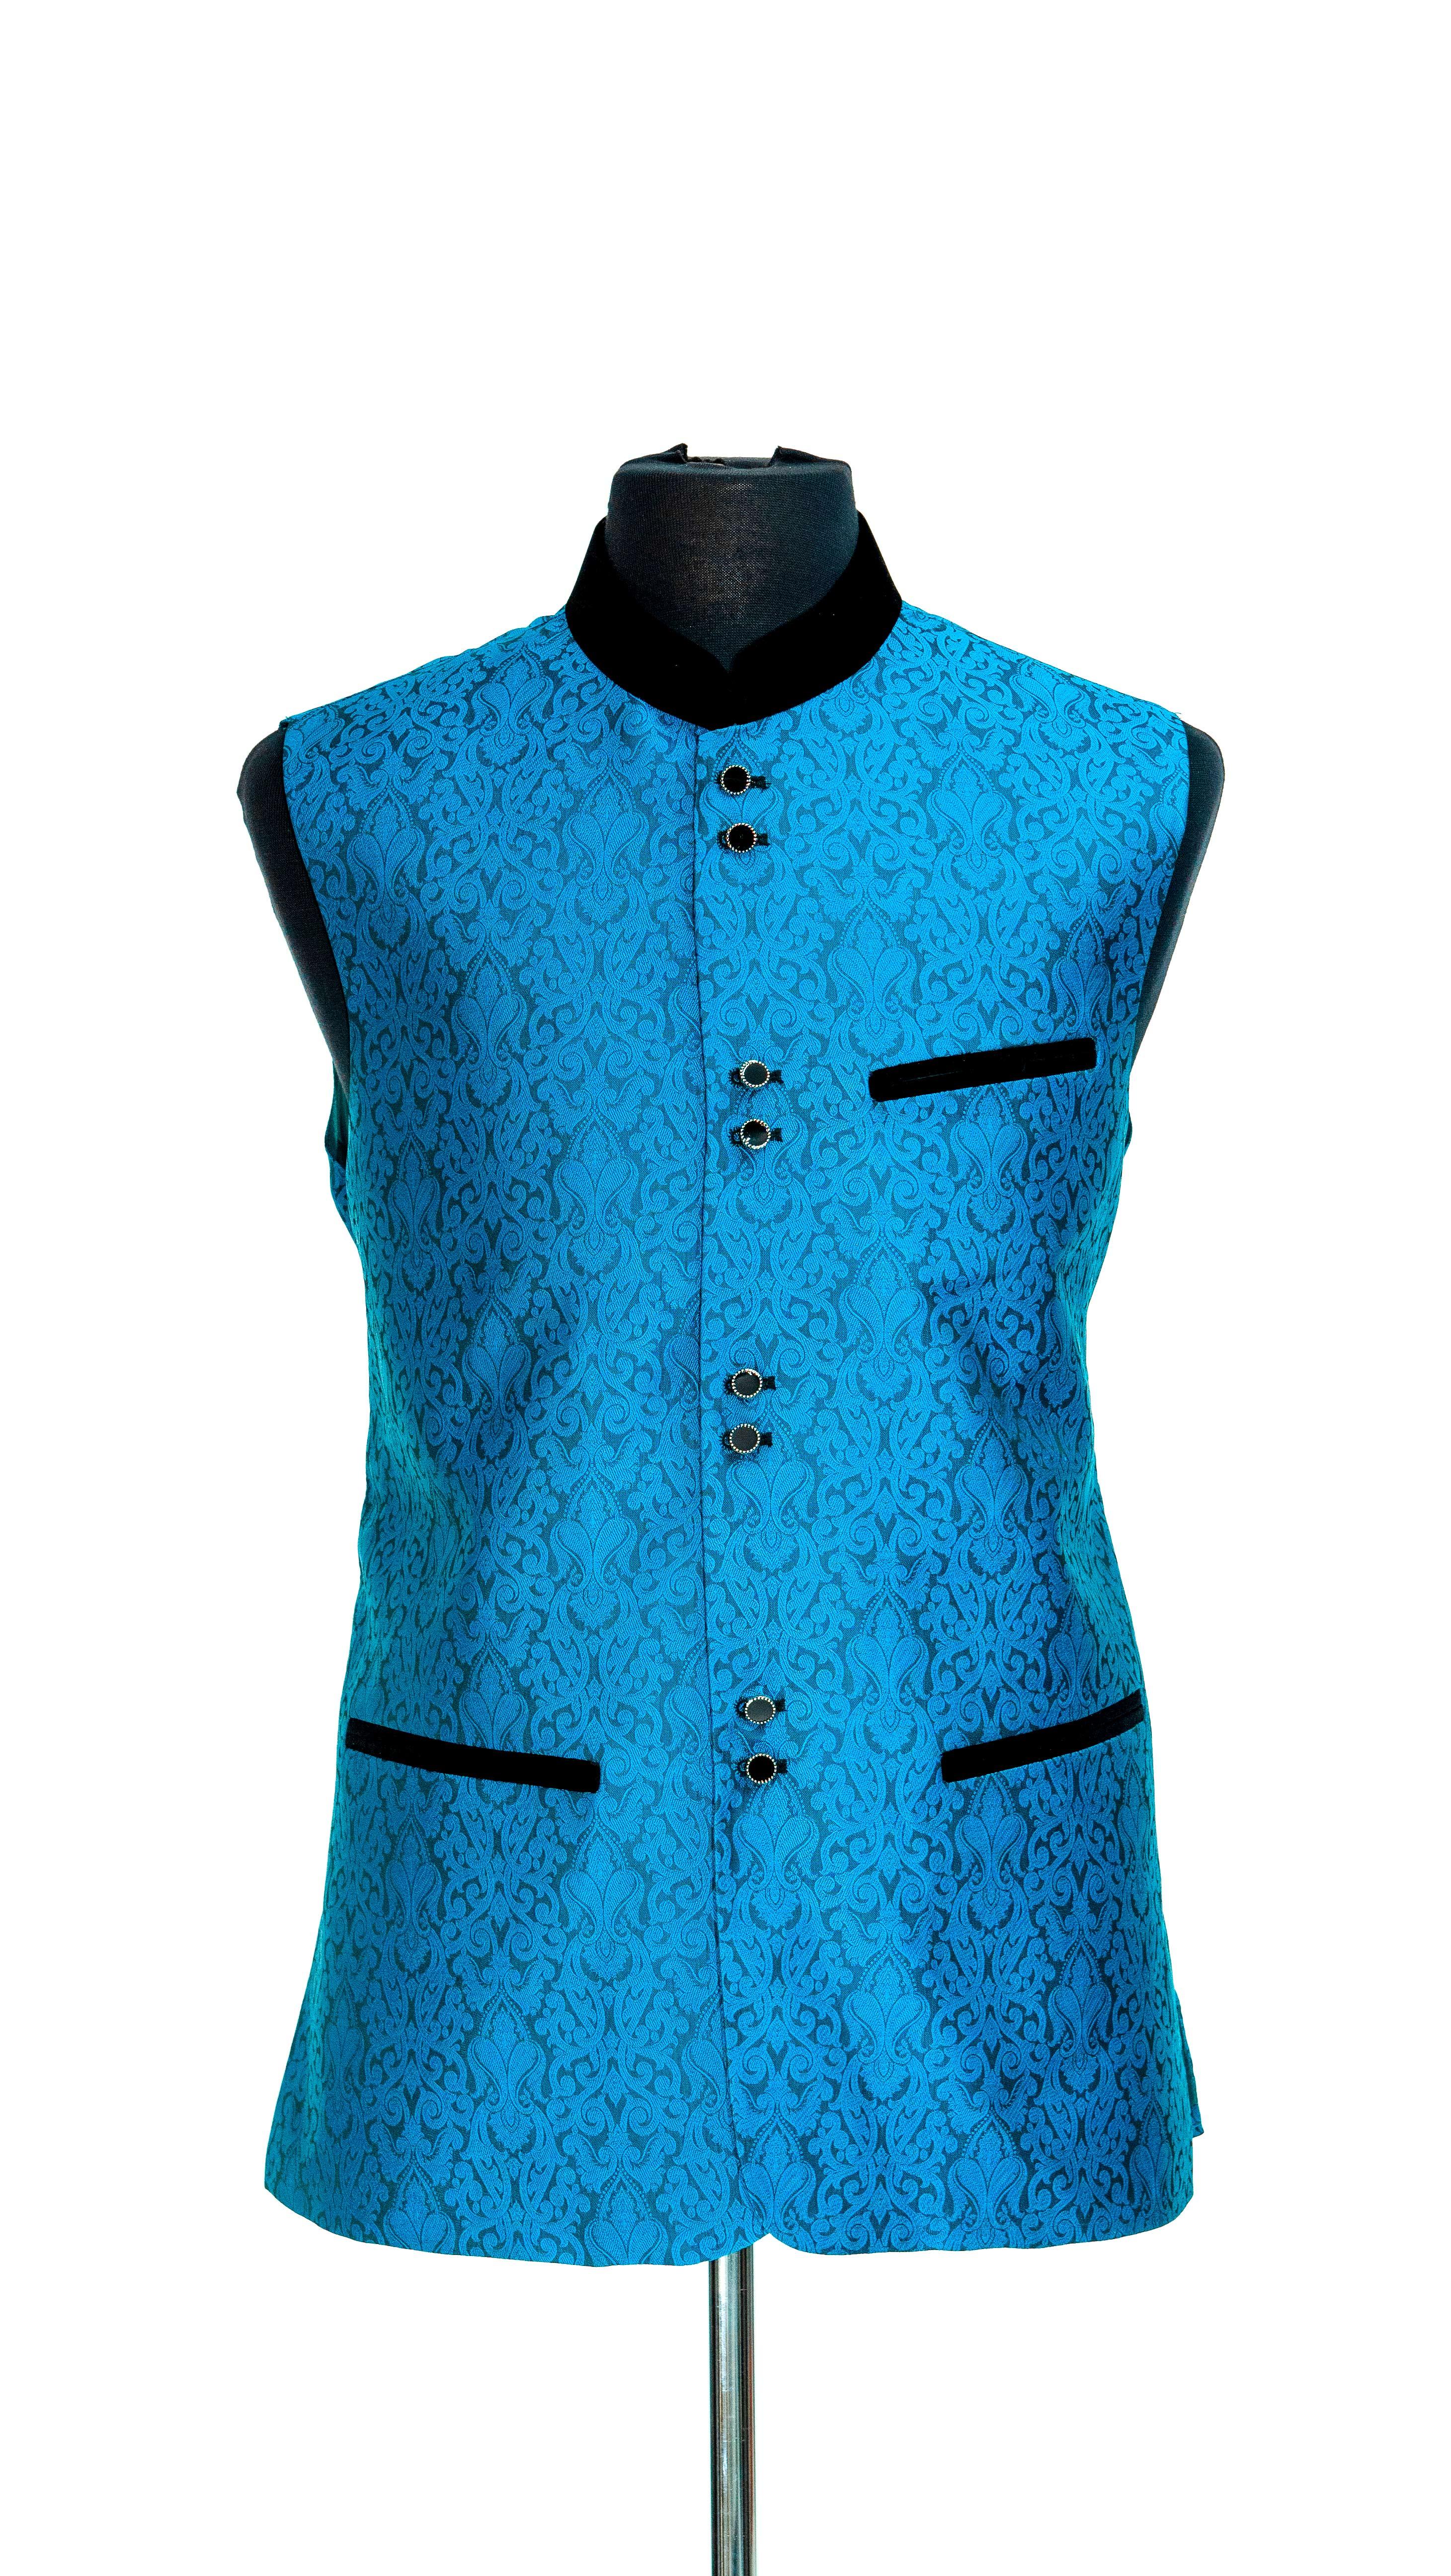 BlueAzureWaistcoats-ADAMBAKSH